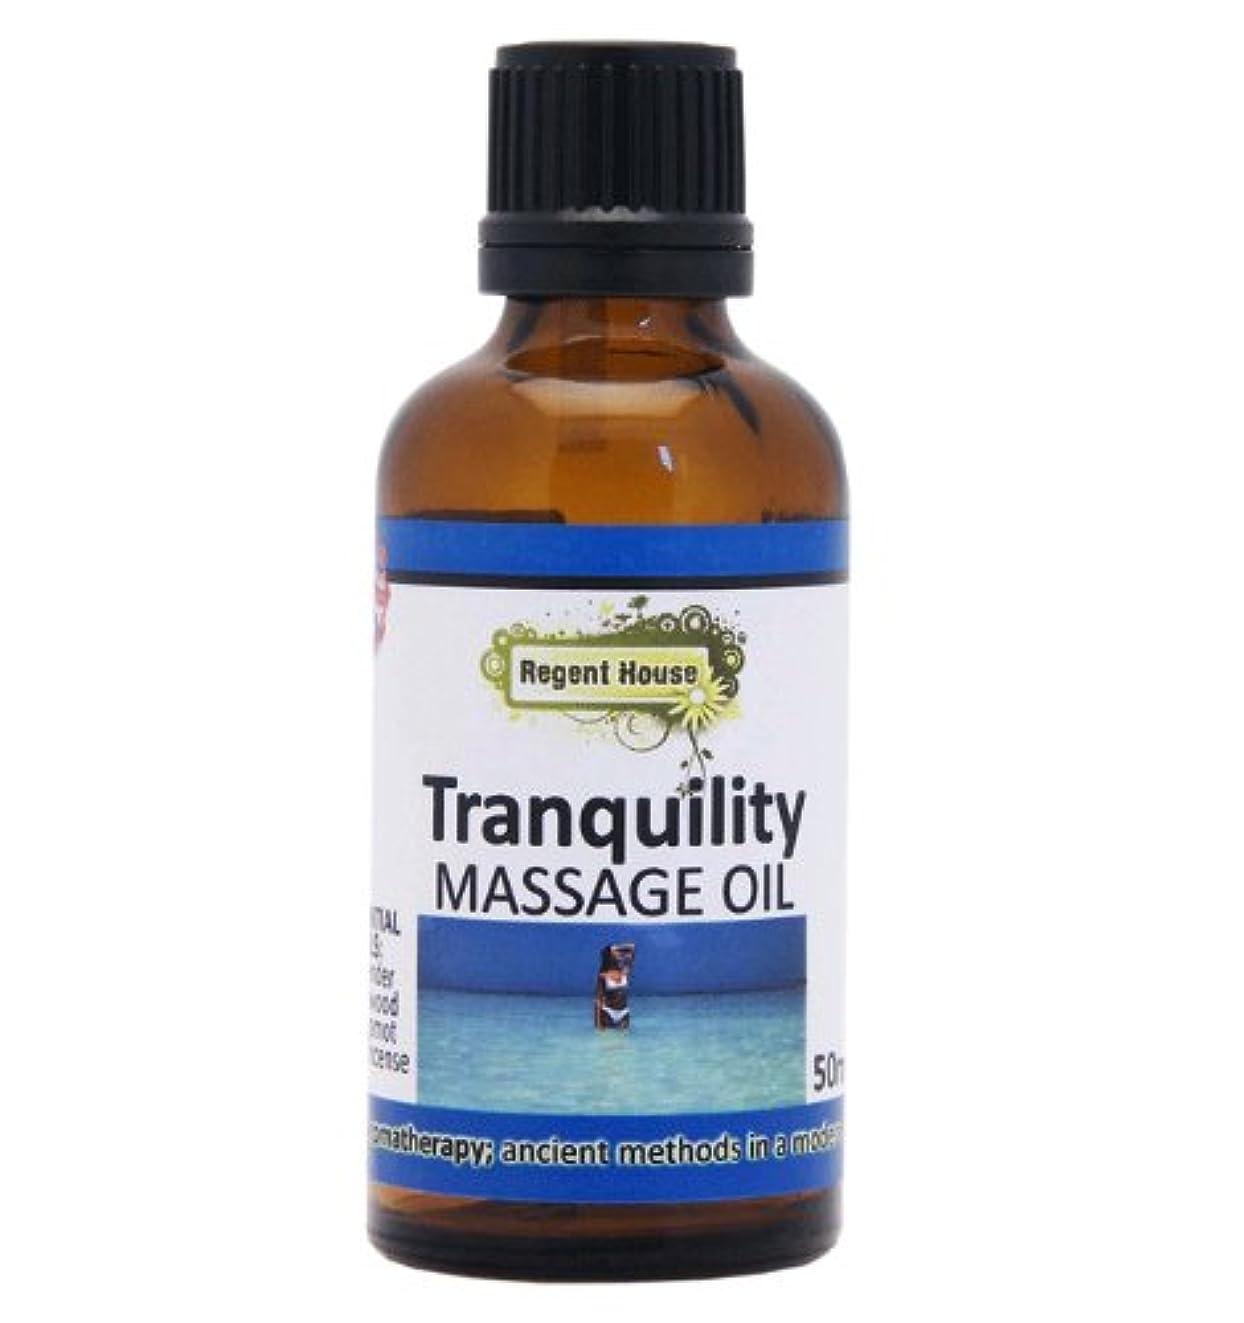 豪華なヒューマニスティックパターン貴重なローズウッドを、たっぷり配合しました。 アロマ ナチュラル マッサージオイル 50ml トランキュリティー(Aroma Massage Oil Tranqulity)